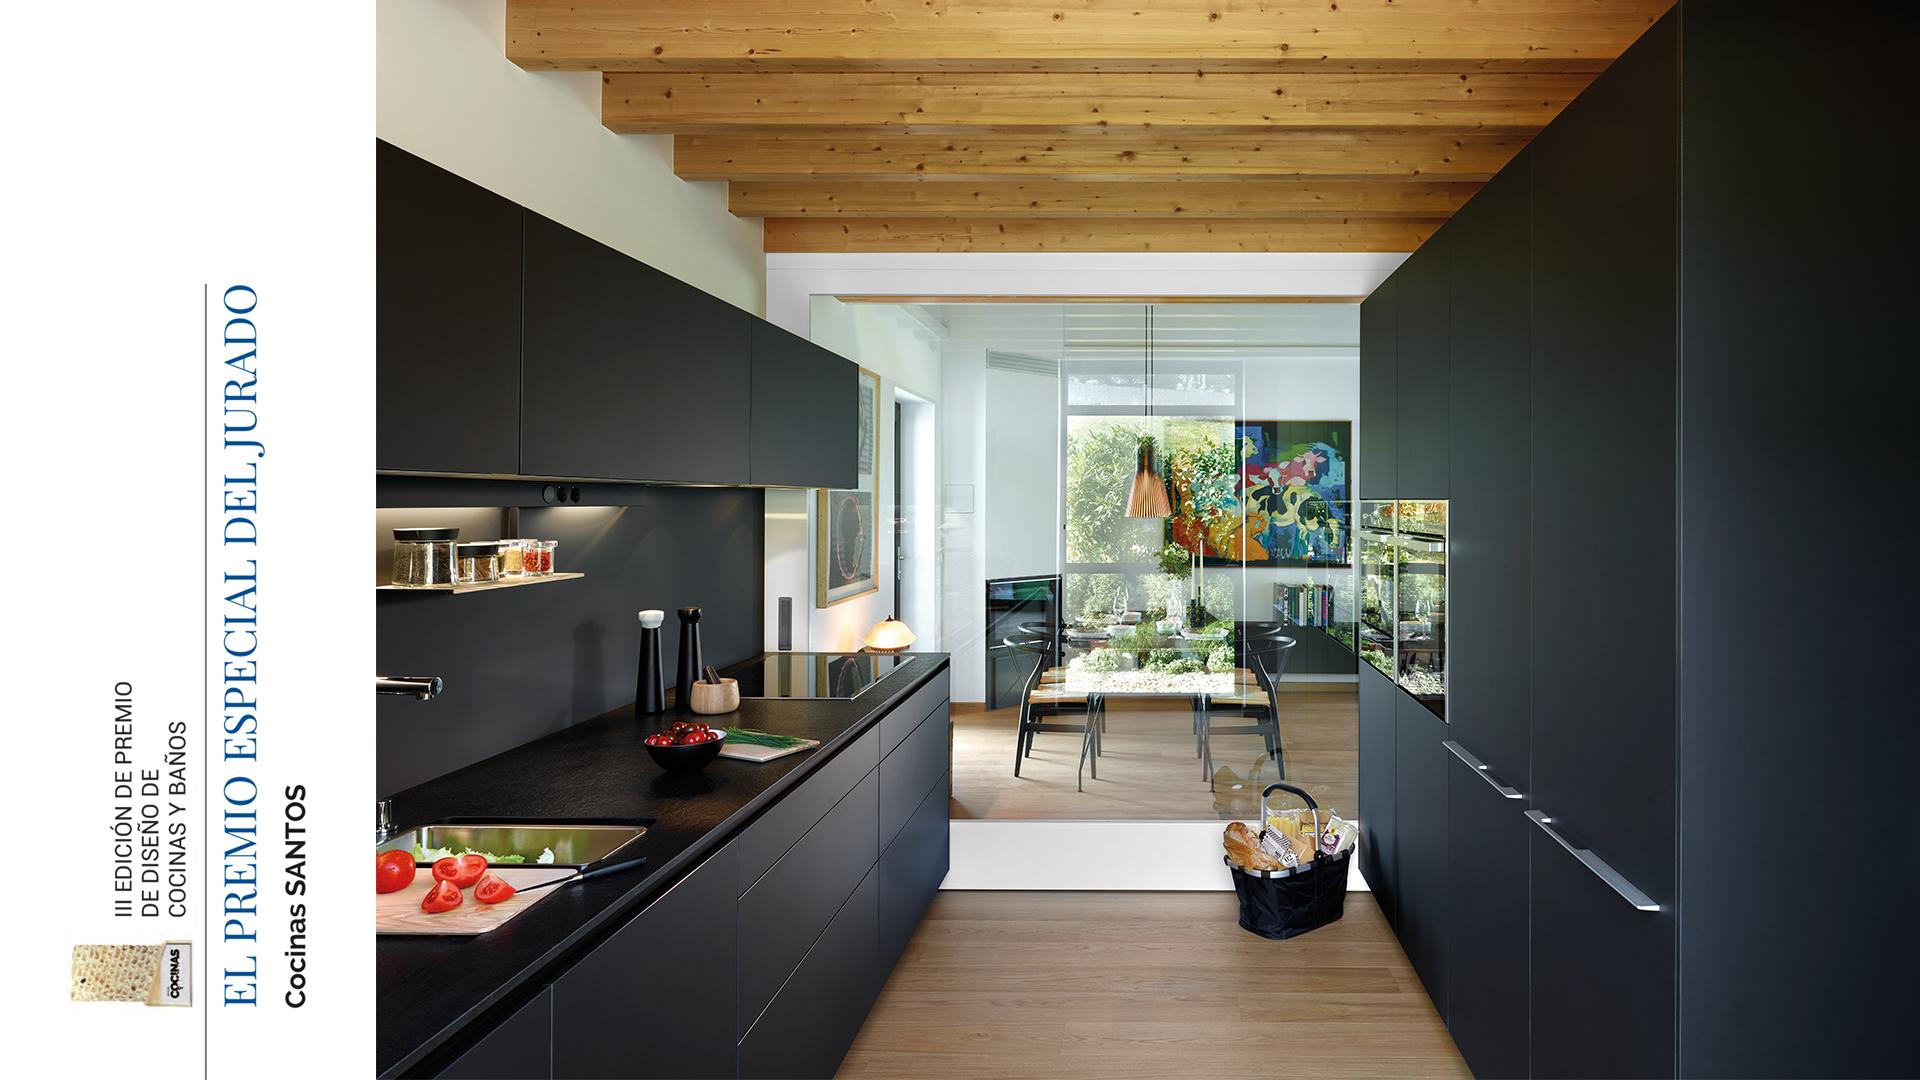 Het keukenmerk Santos ontvangt een prijs voor zijn loopbaan en innovatie